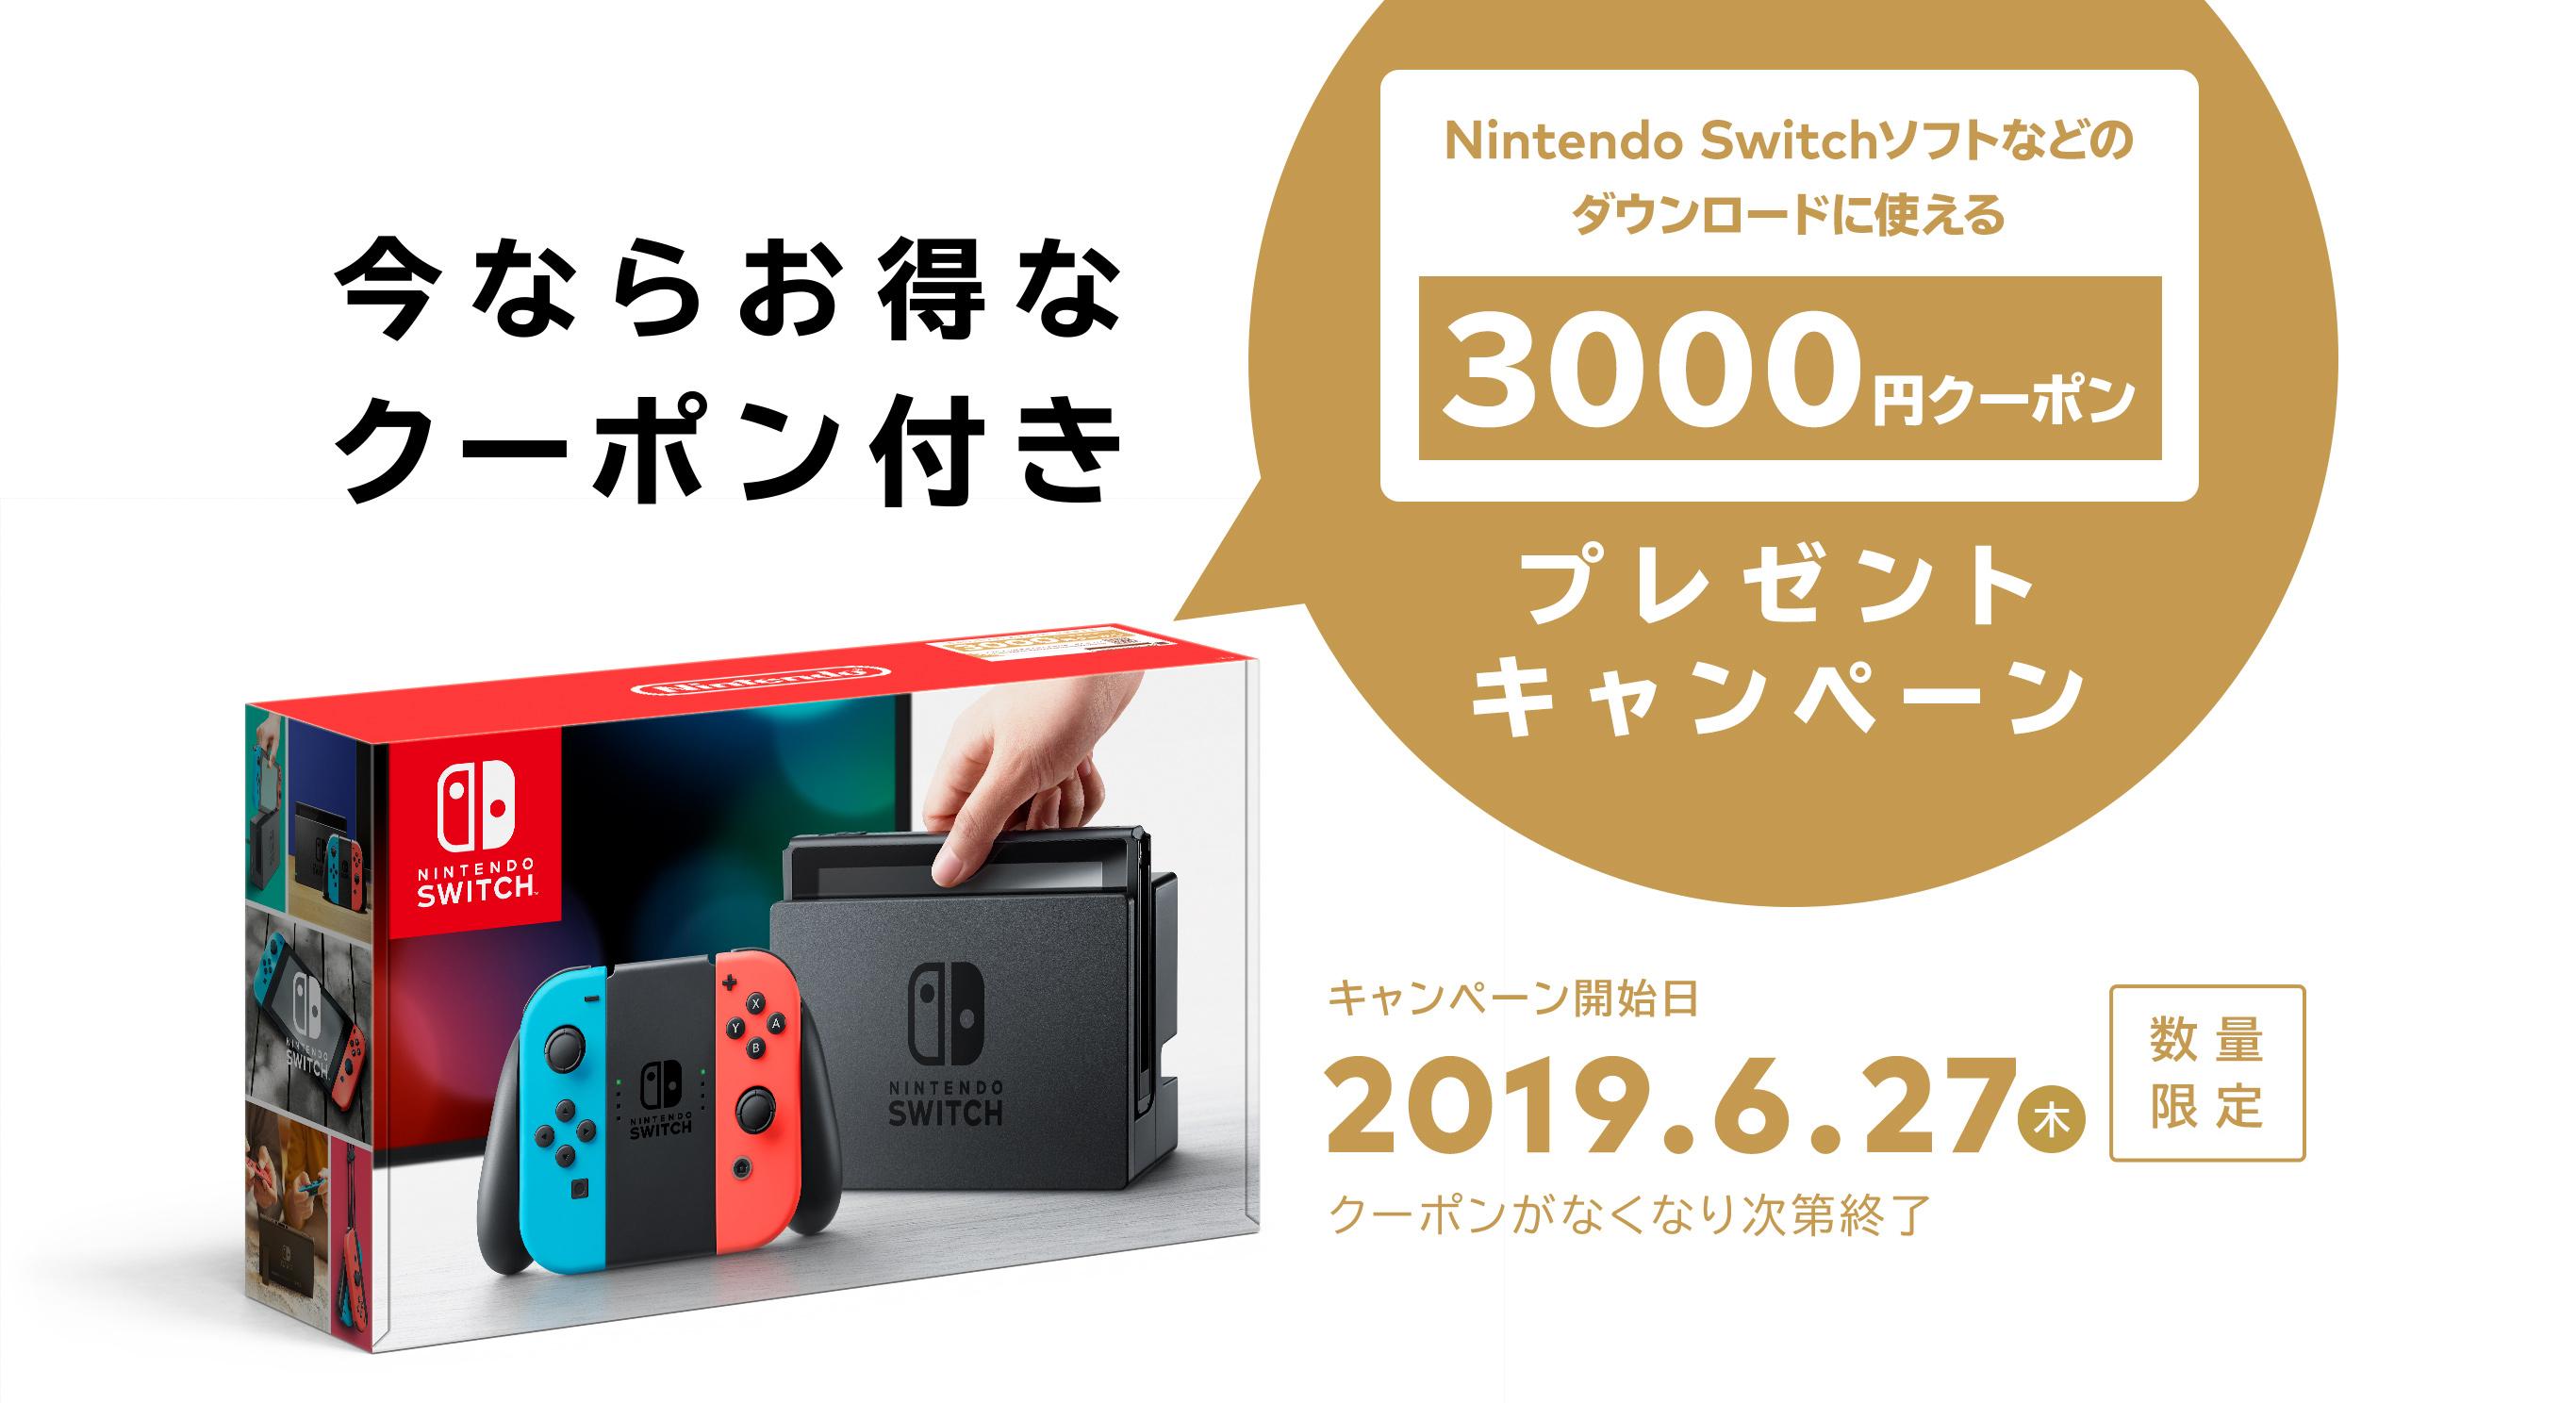 Yahoo!ヤマダなどでニンテンドースイッチ本体にソフトダウンロードに使える3000円分クーポンを同梱して販売中。